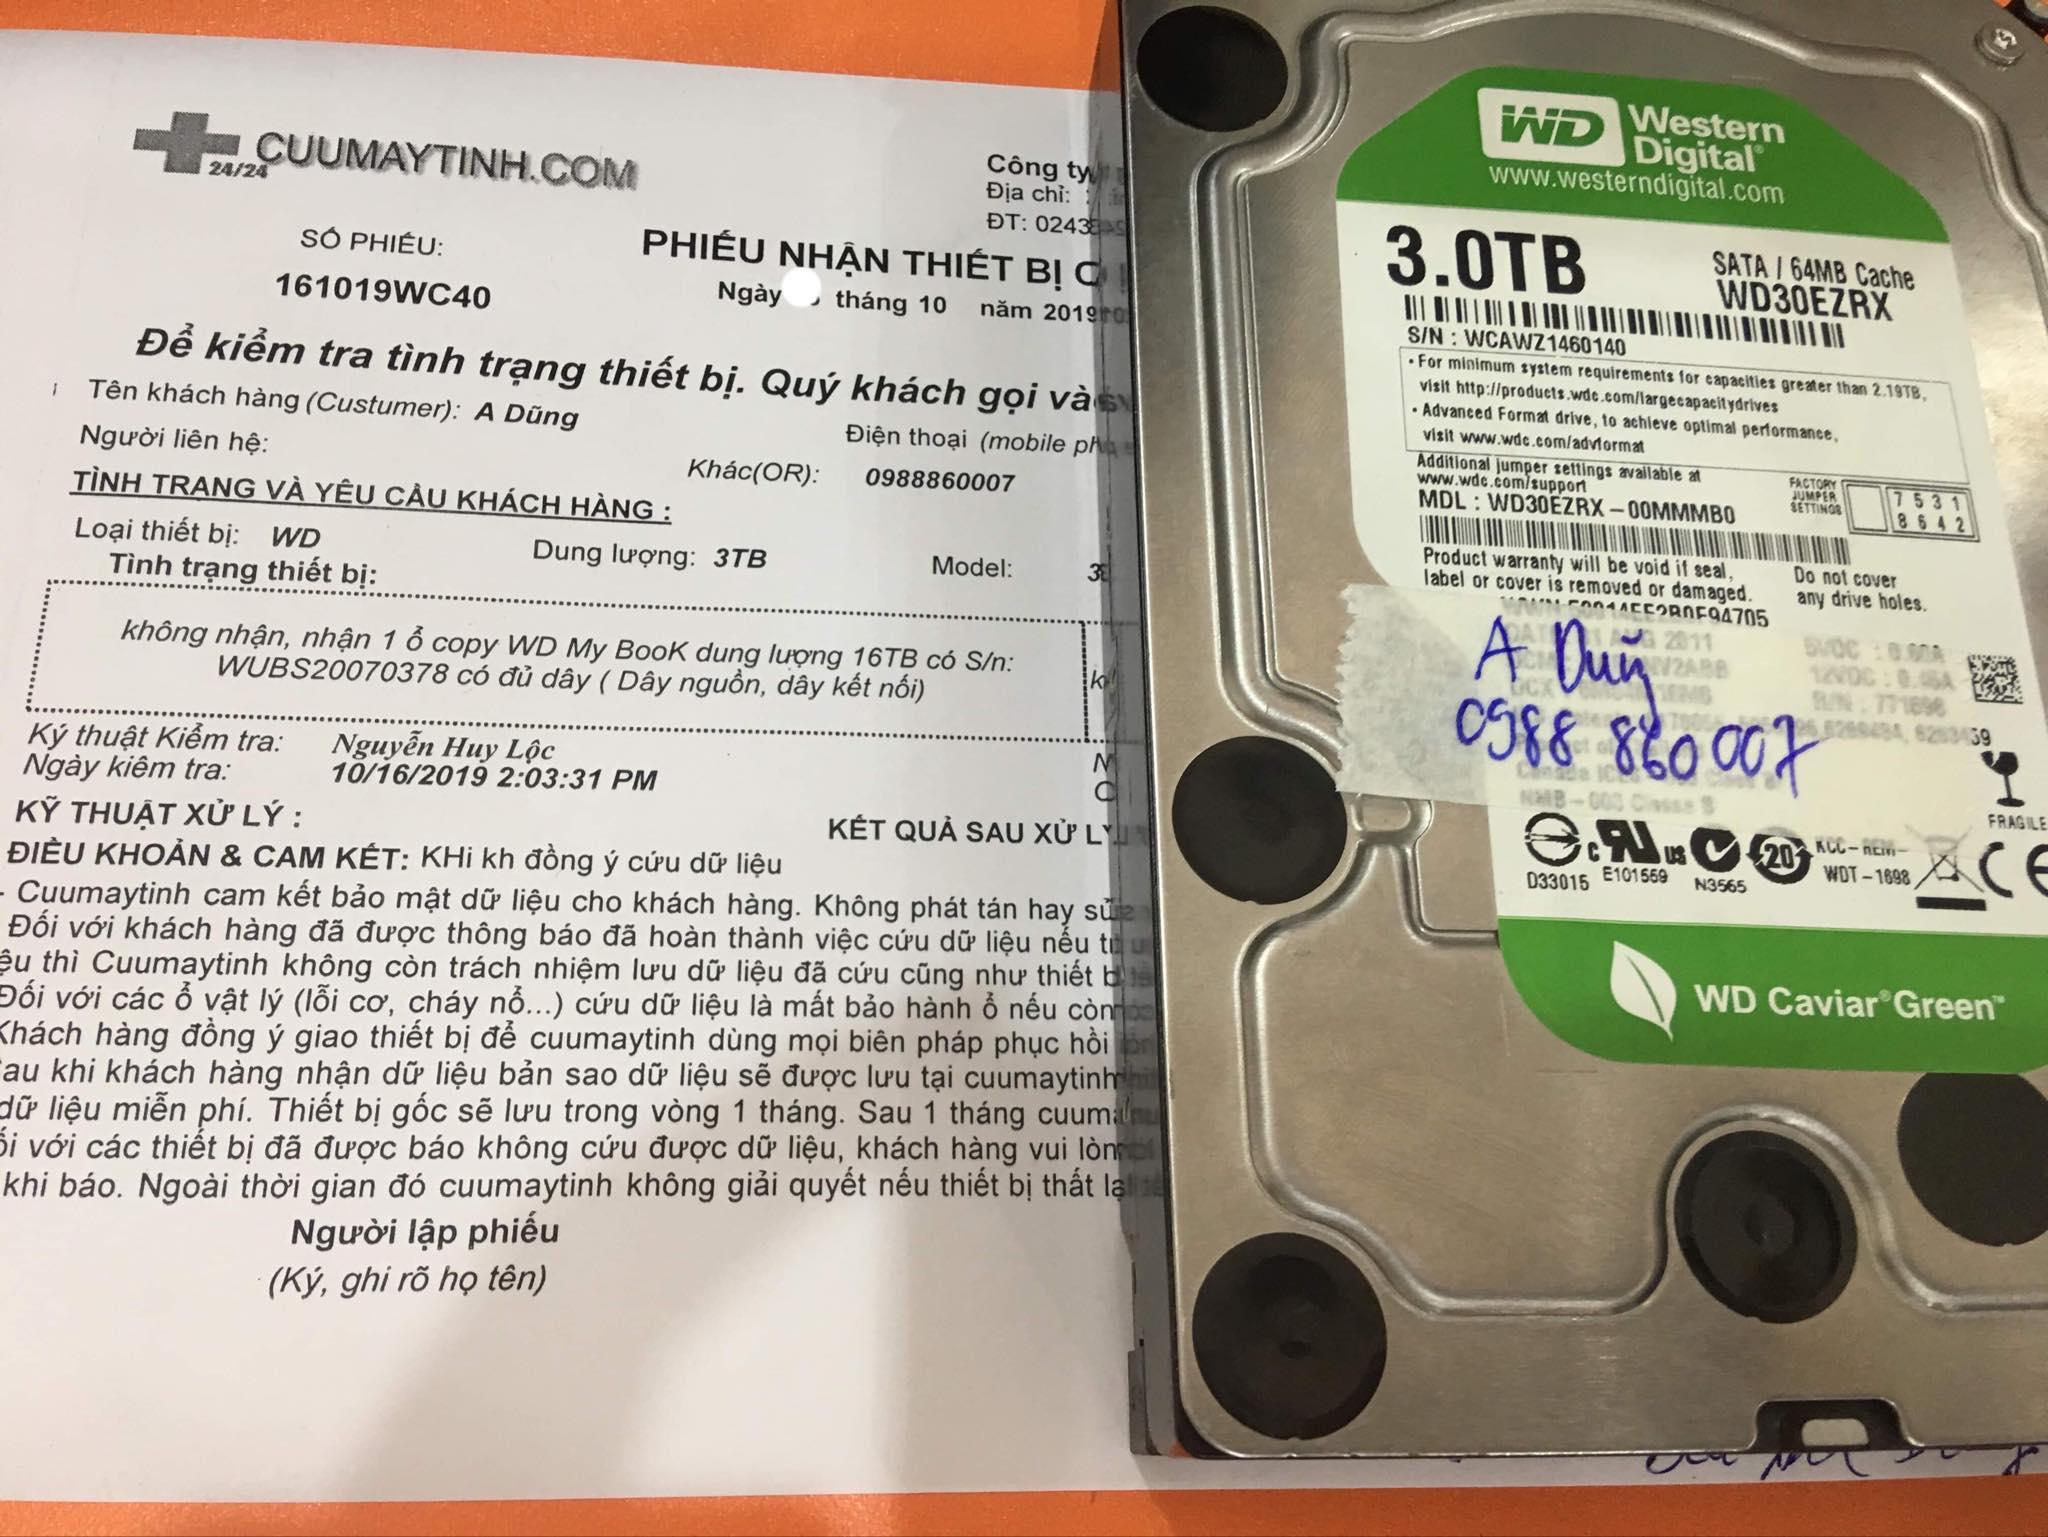 Khôi phục dữ liệu ổ cứng Western 3TB không nhận 29/10/2019 - cuumaytinh